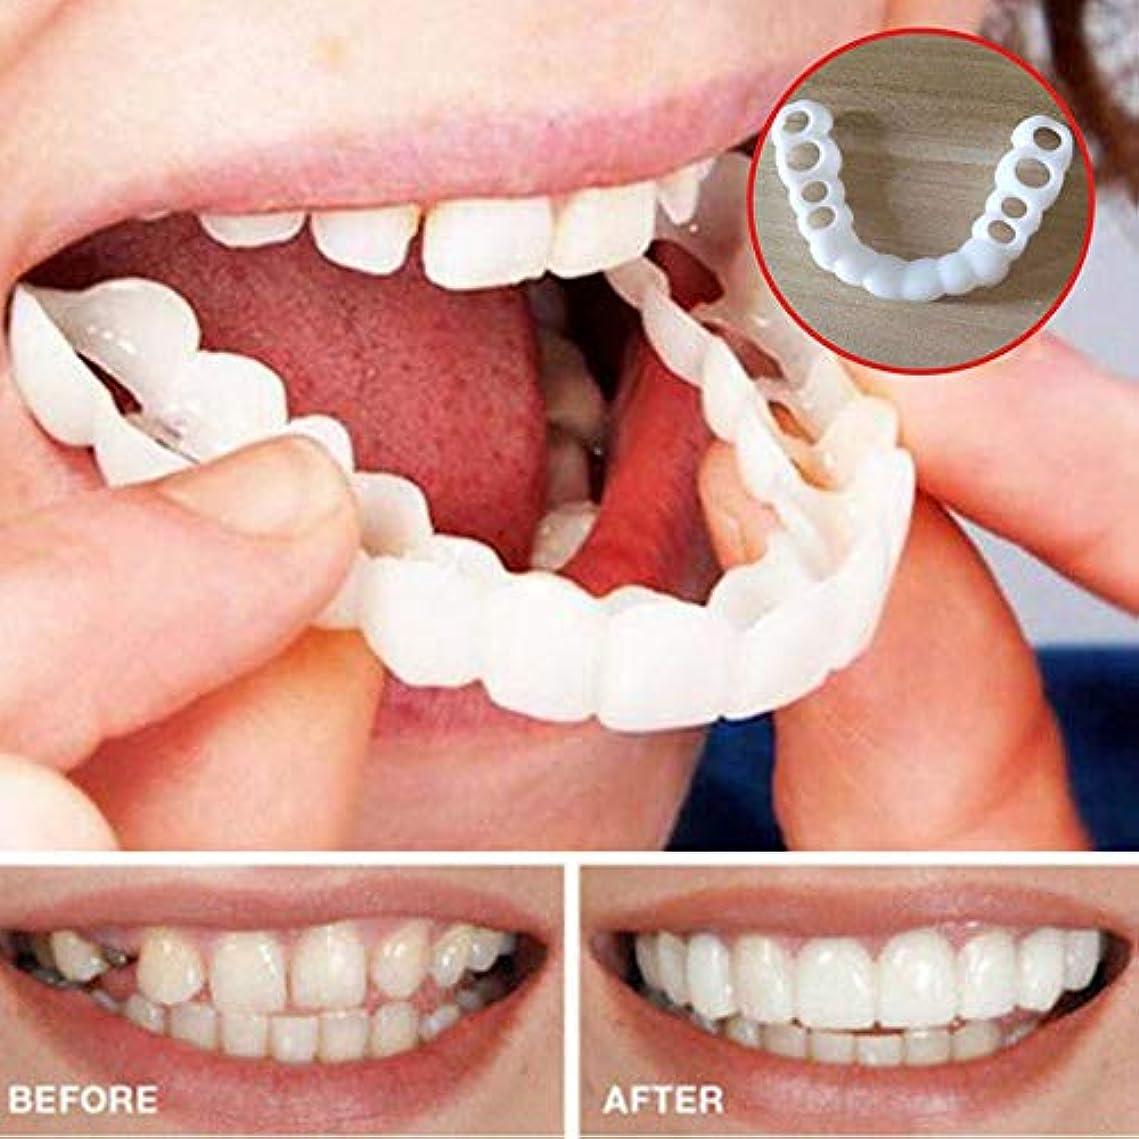 いらいらするシリアル支援するシリコーンシミュレーション歯ホワイトニングブレース(6個),Lower